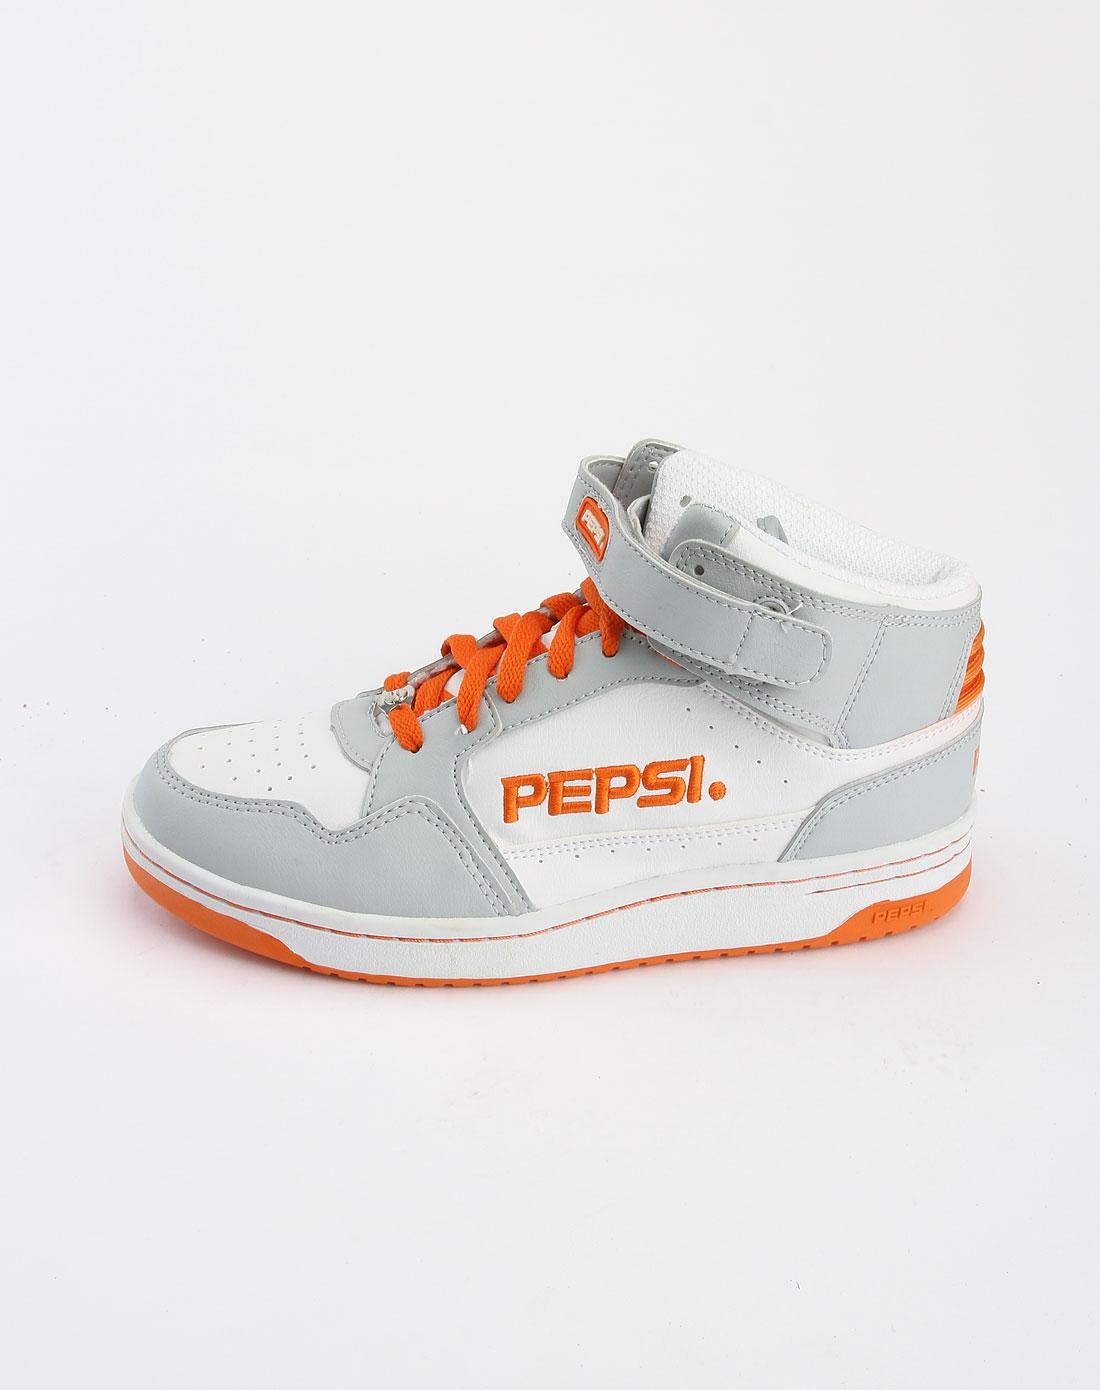 百事pepsi男女女款灰/白色绑带高邦时尚休闲鞋